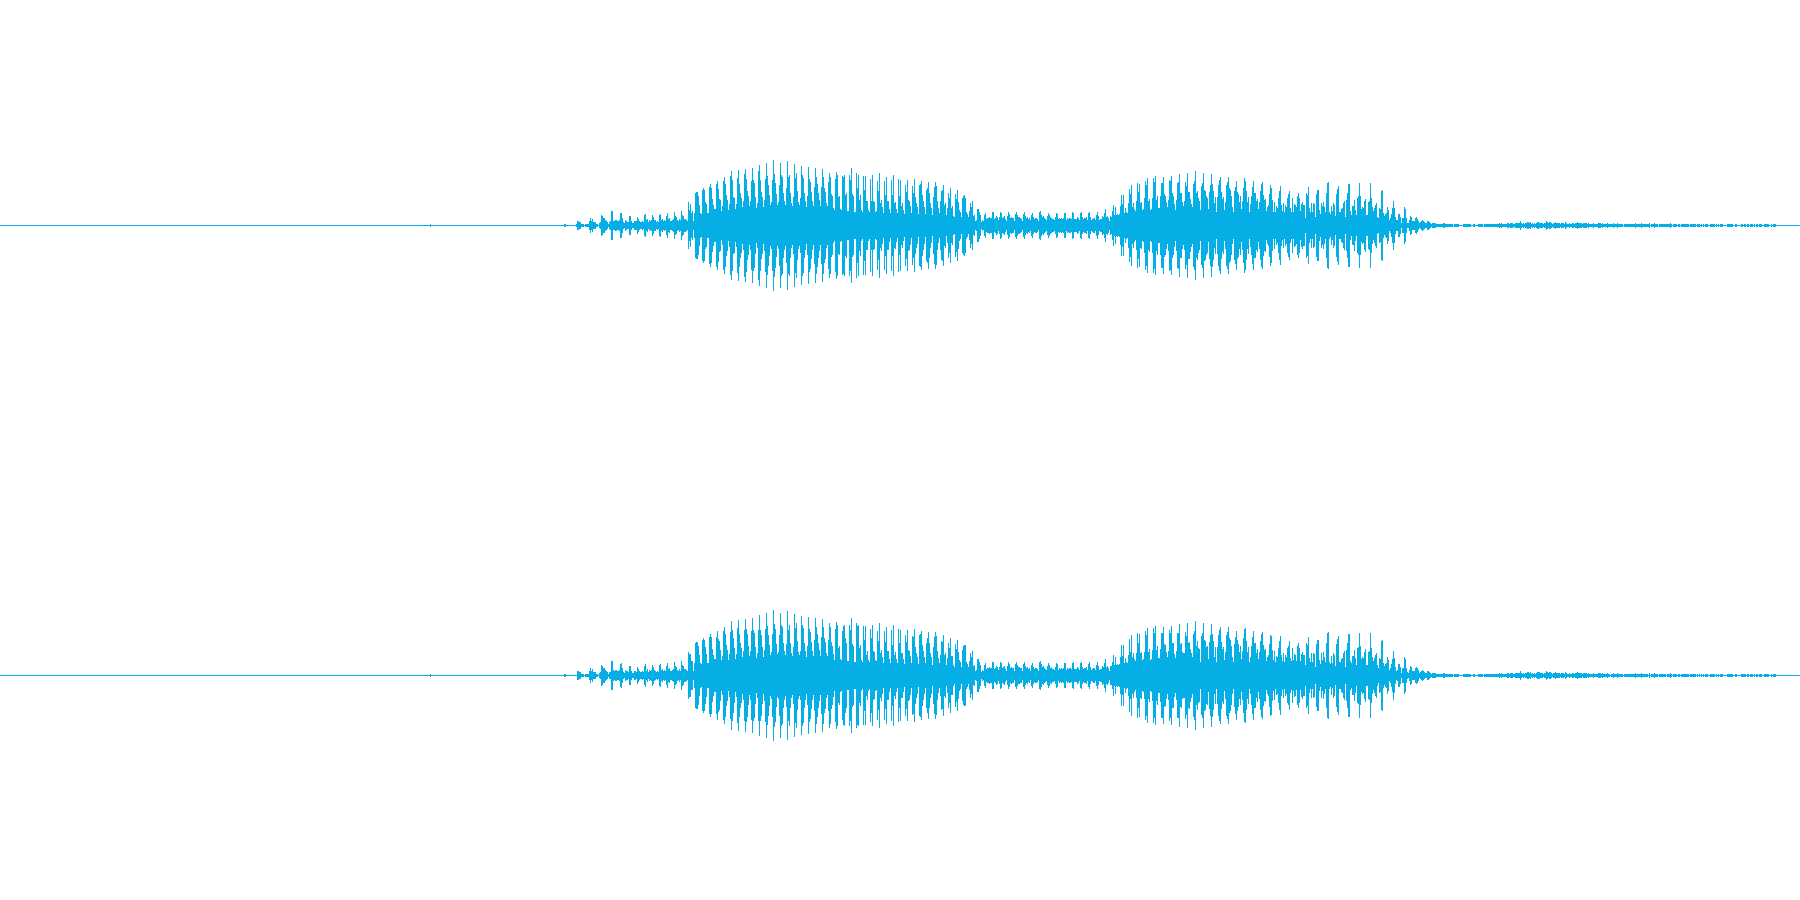 「ねぇねぇ」の再生済みの波形